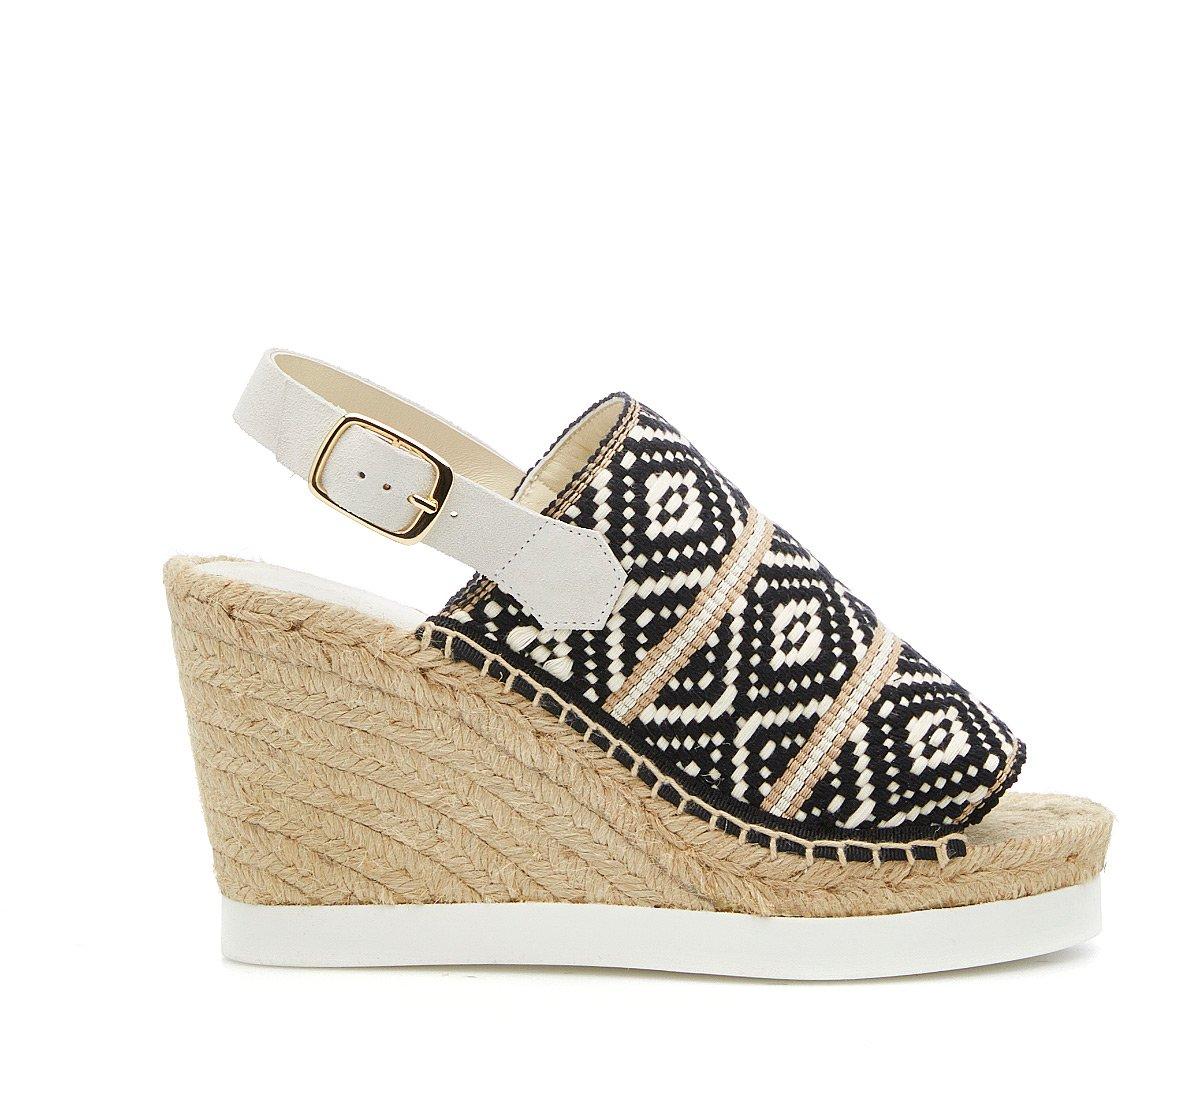 Textile sandals